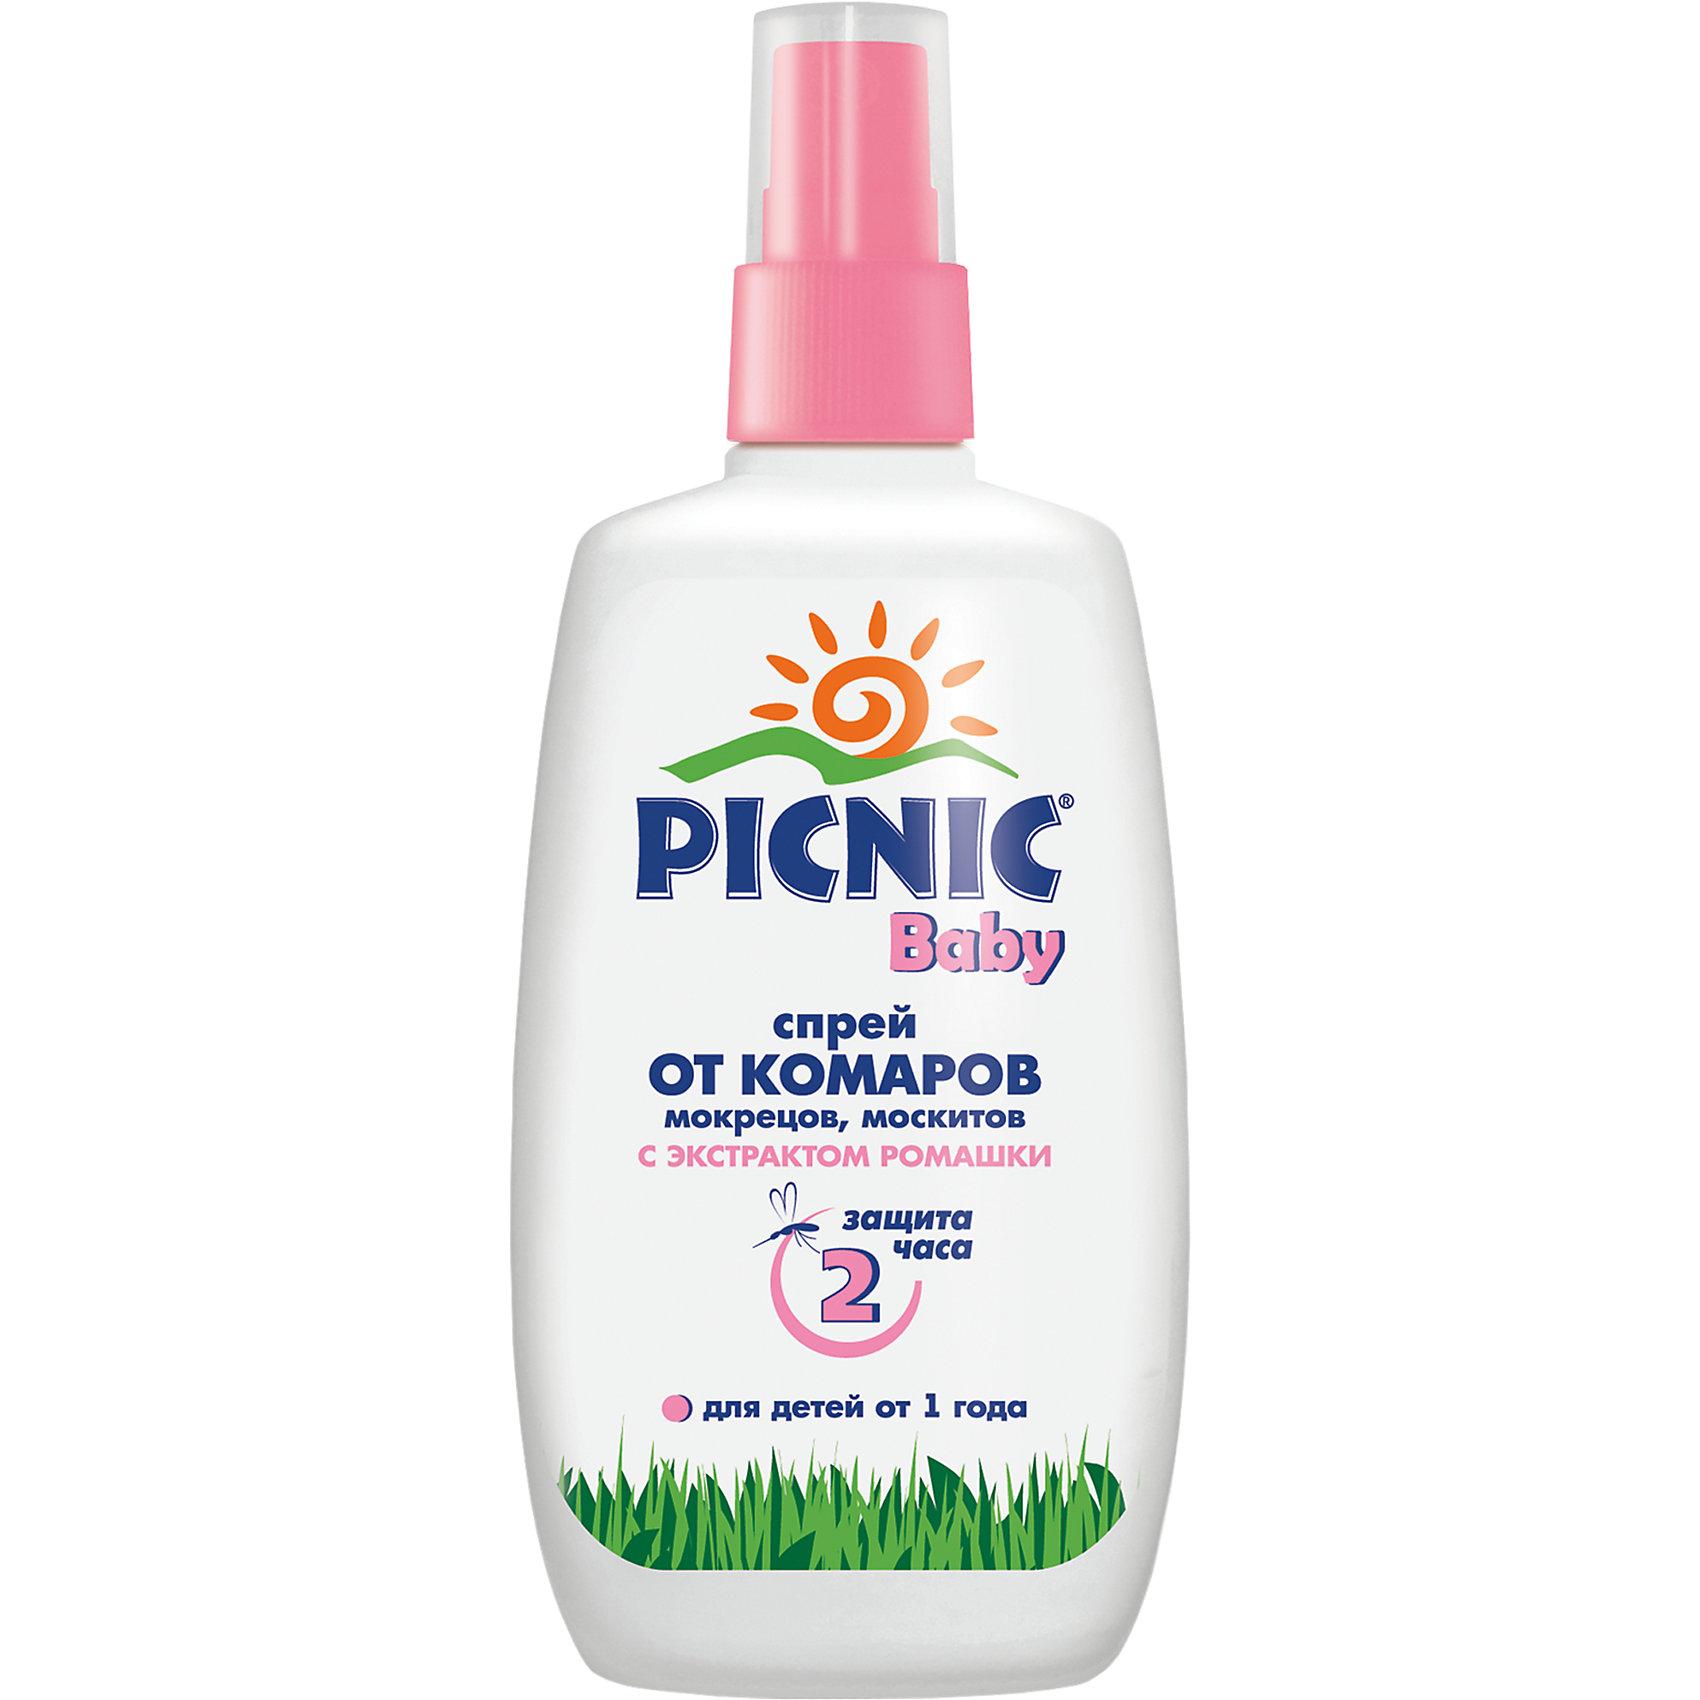 Picnic Спрей от комаров, 120 мл., Picnic Baby средства от насекомых picnic hypoallergenic крем гель с пантенолом 30 мл